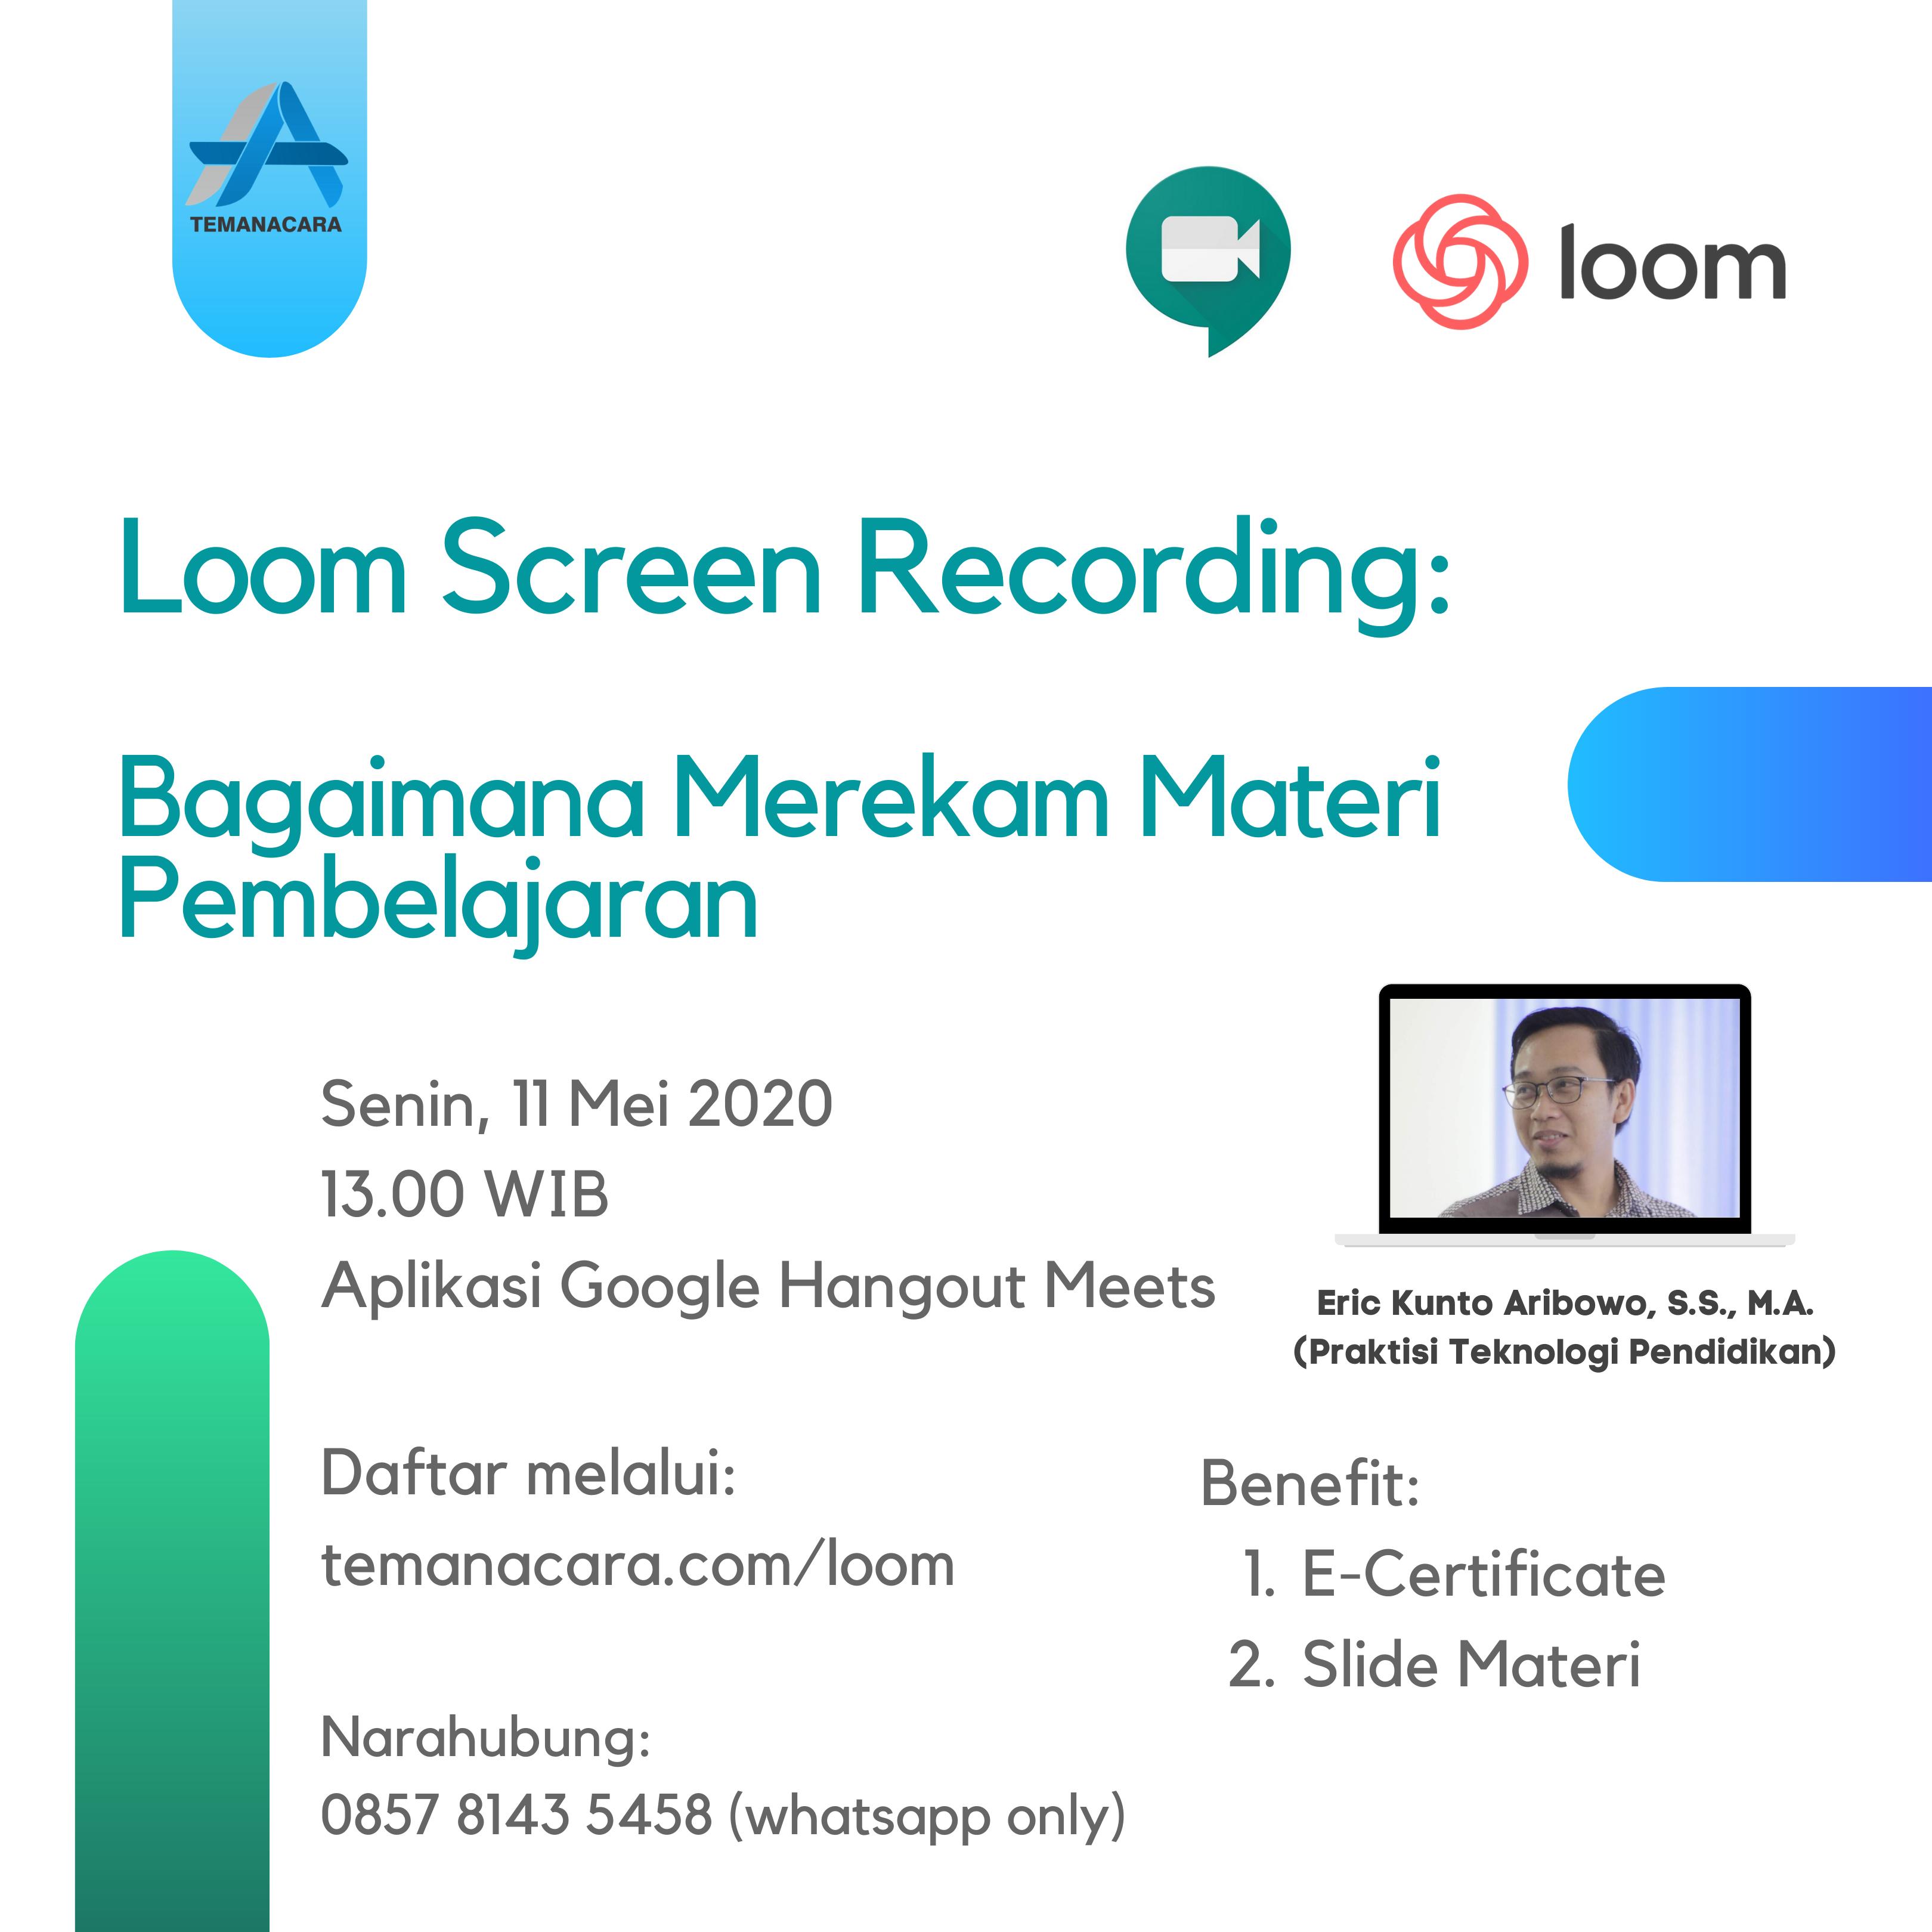 Loom Screen Recording: Bagaimana Merekam Materi Pembelajaran